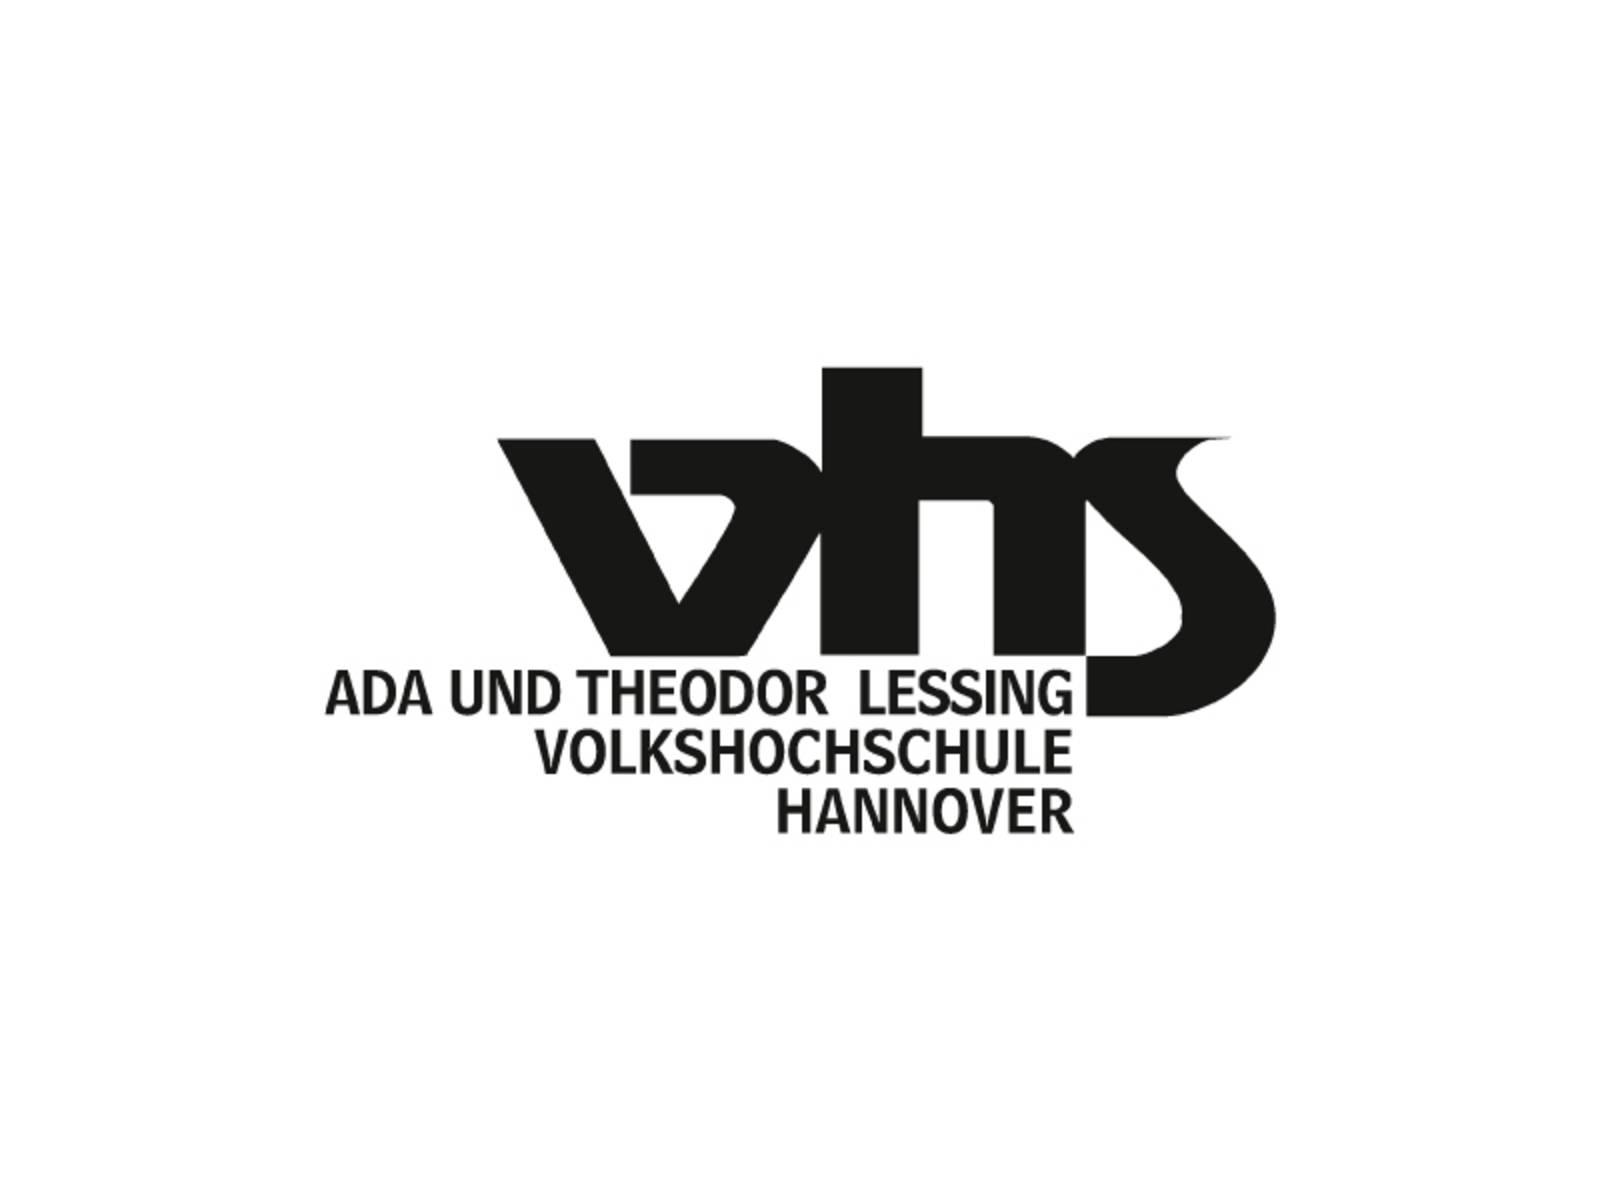 Logo der Volkshochschule